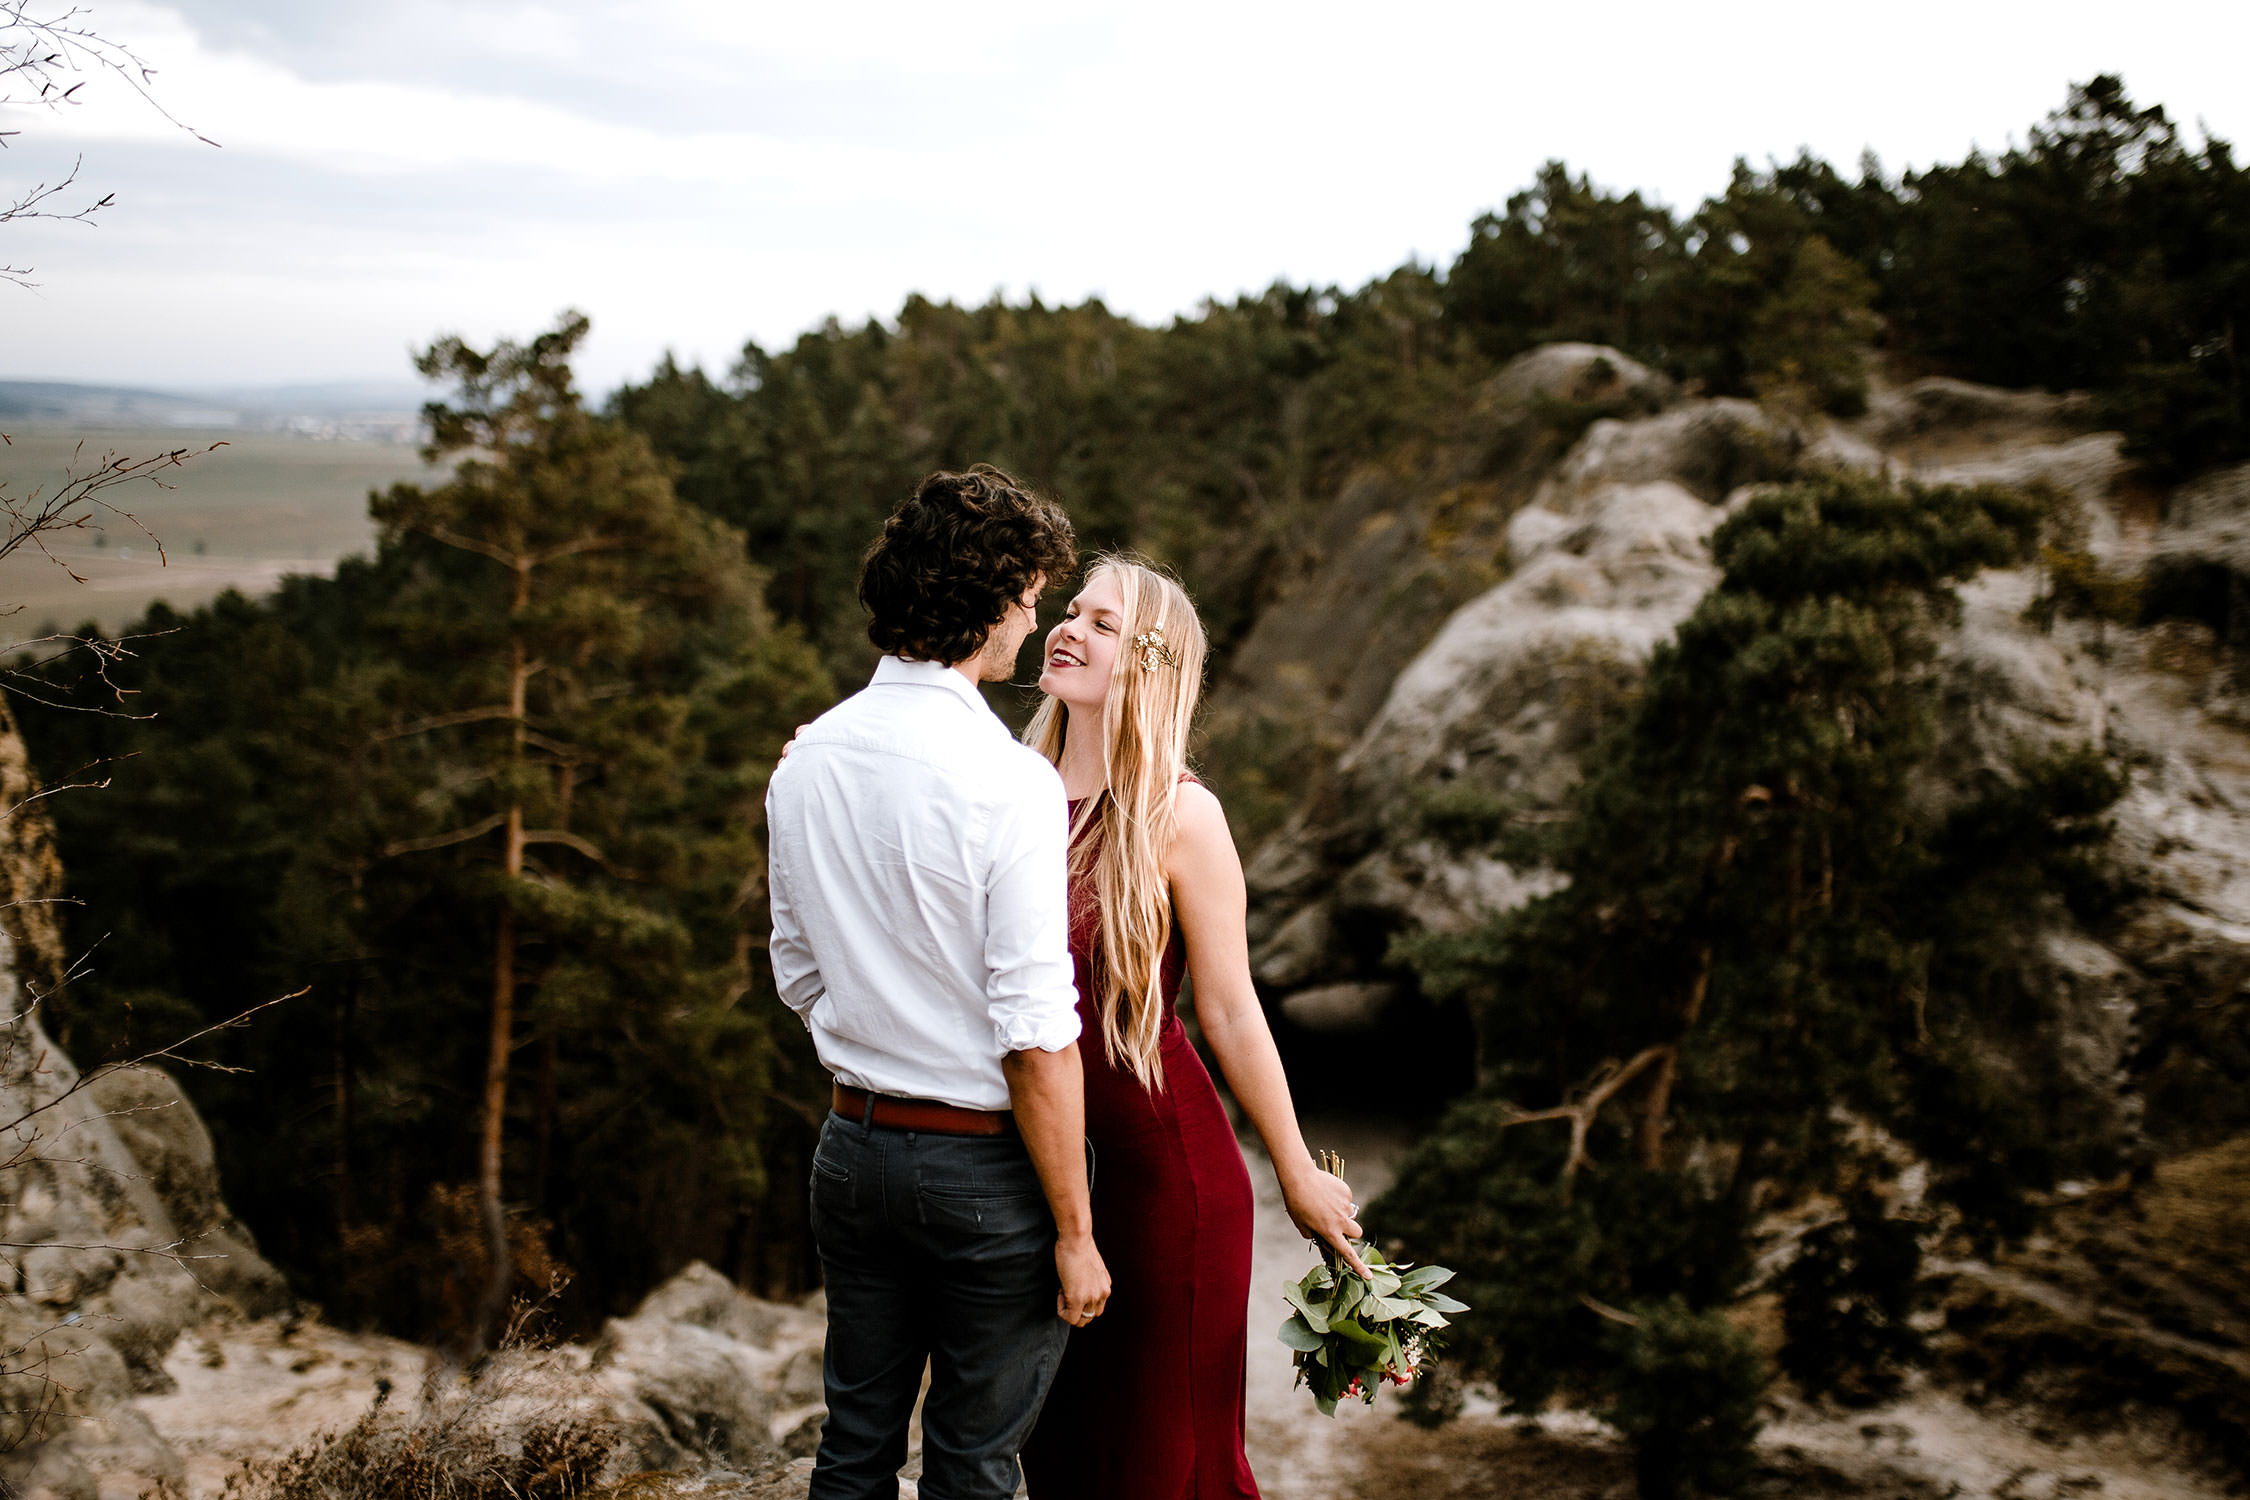 Entdecke romantische und gefühlvolle Paarfotos! Die Fotografin Sophia Molek fotografiert Paare und Couples: authentisch und Emotionen pur.